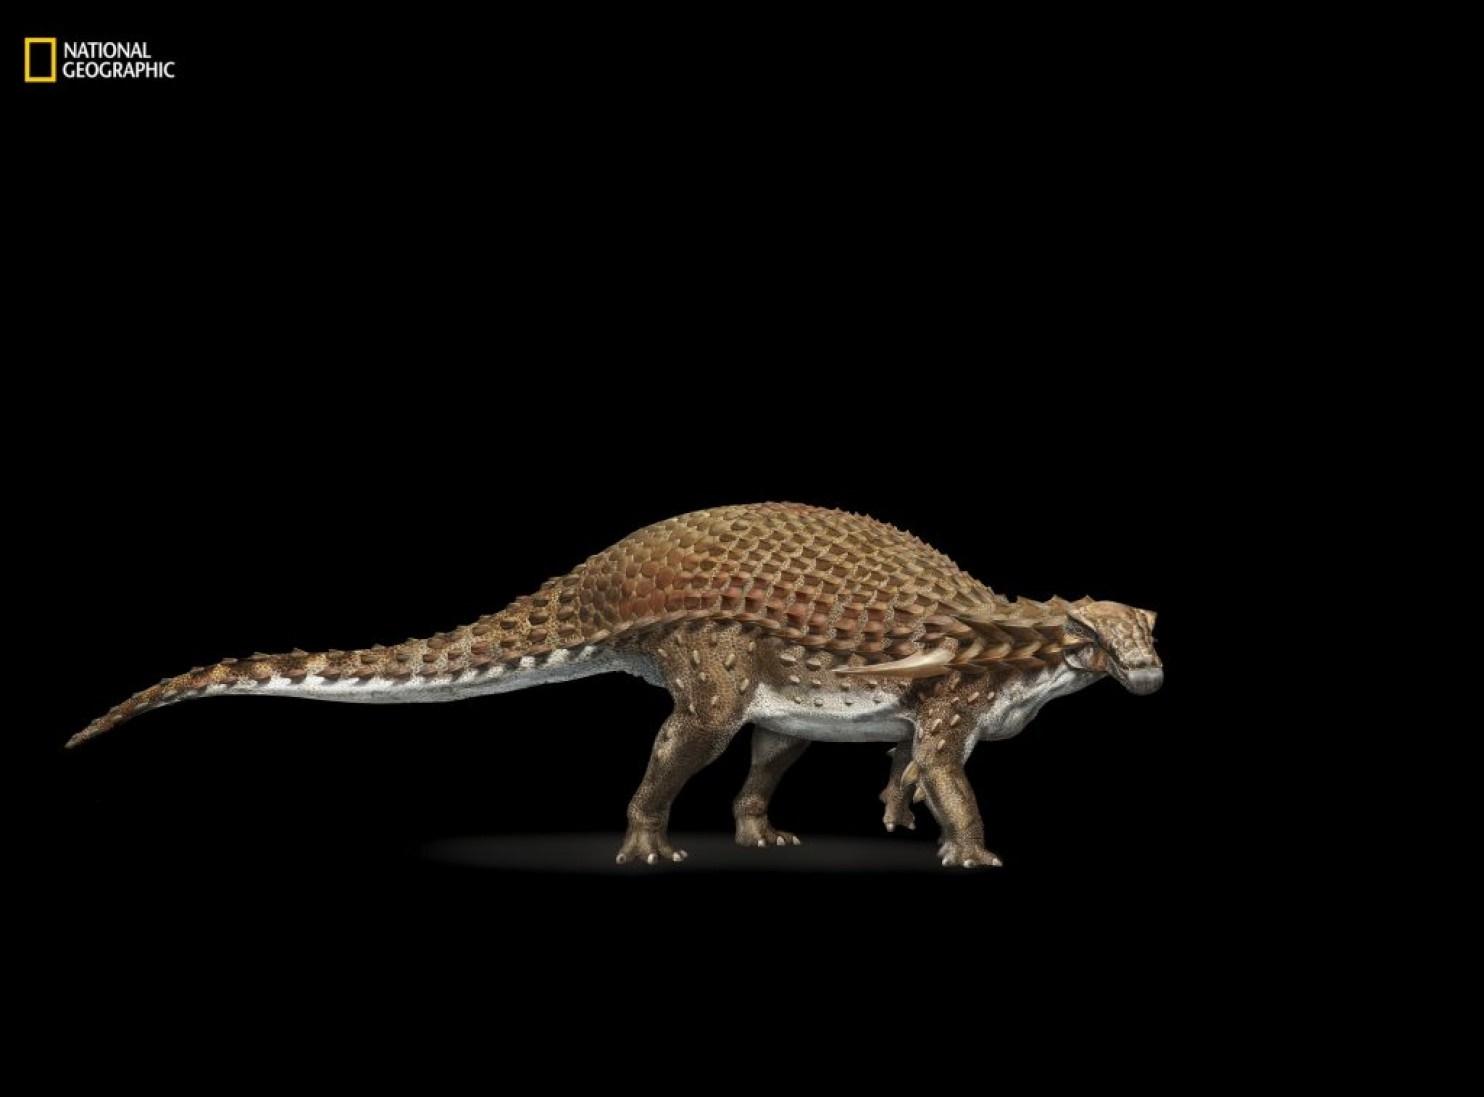 عکس روز: مجسمه یک دایناسور واقعی